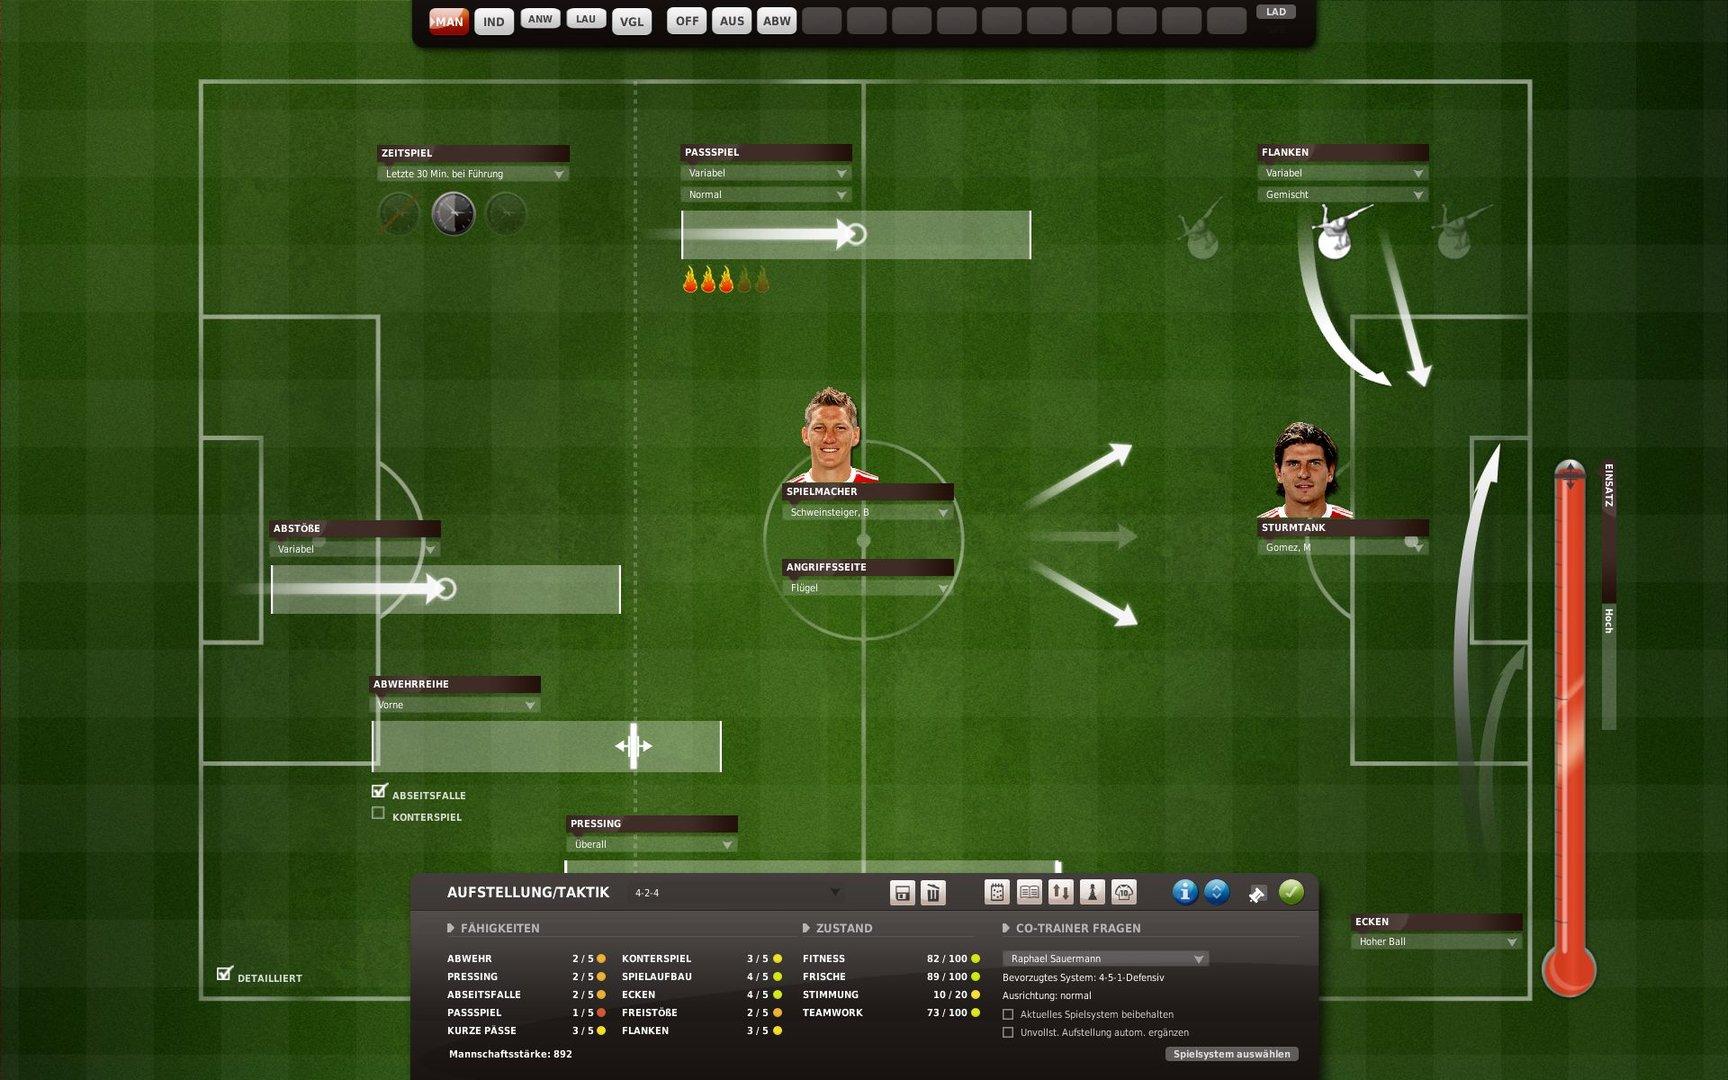 Der neue Taktik-Bereich vergrößert die Spieltiefe